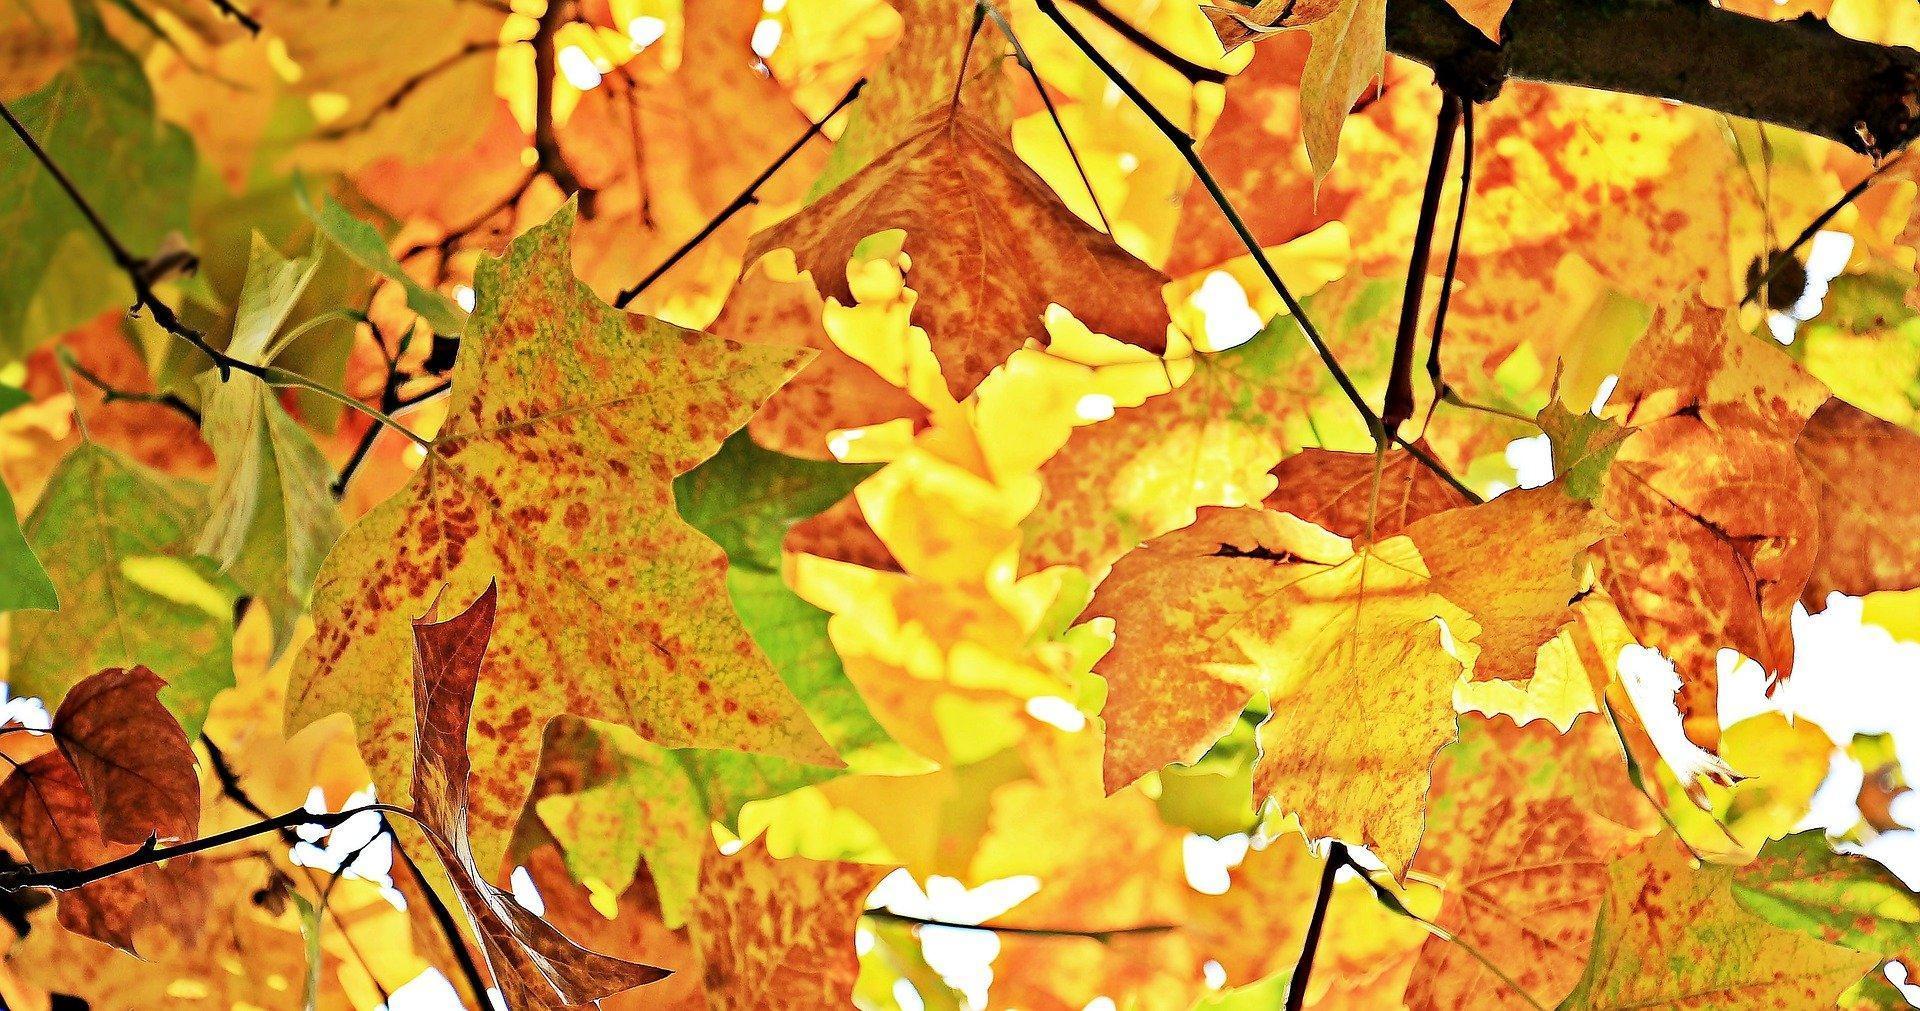 chestnut-leaves-ga1e856f37_1920.jpg